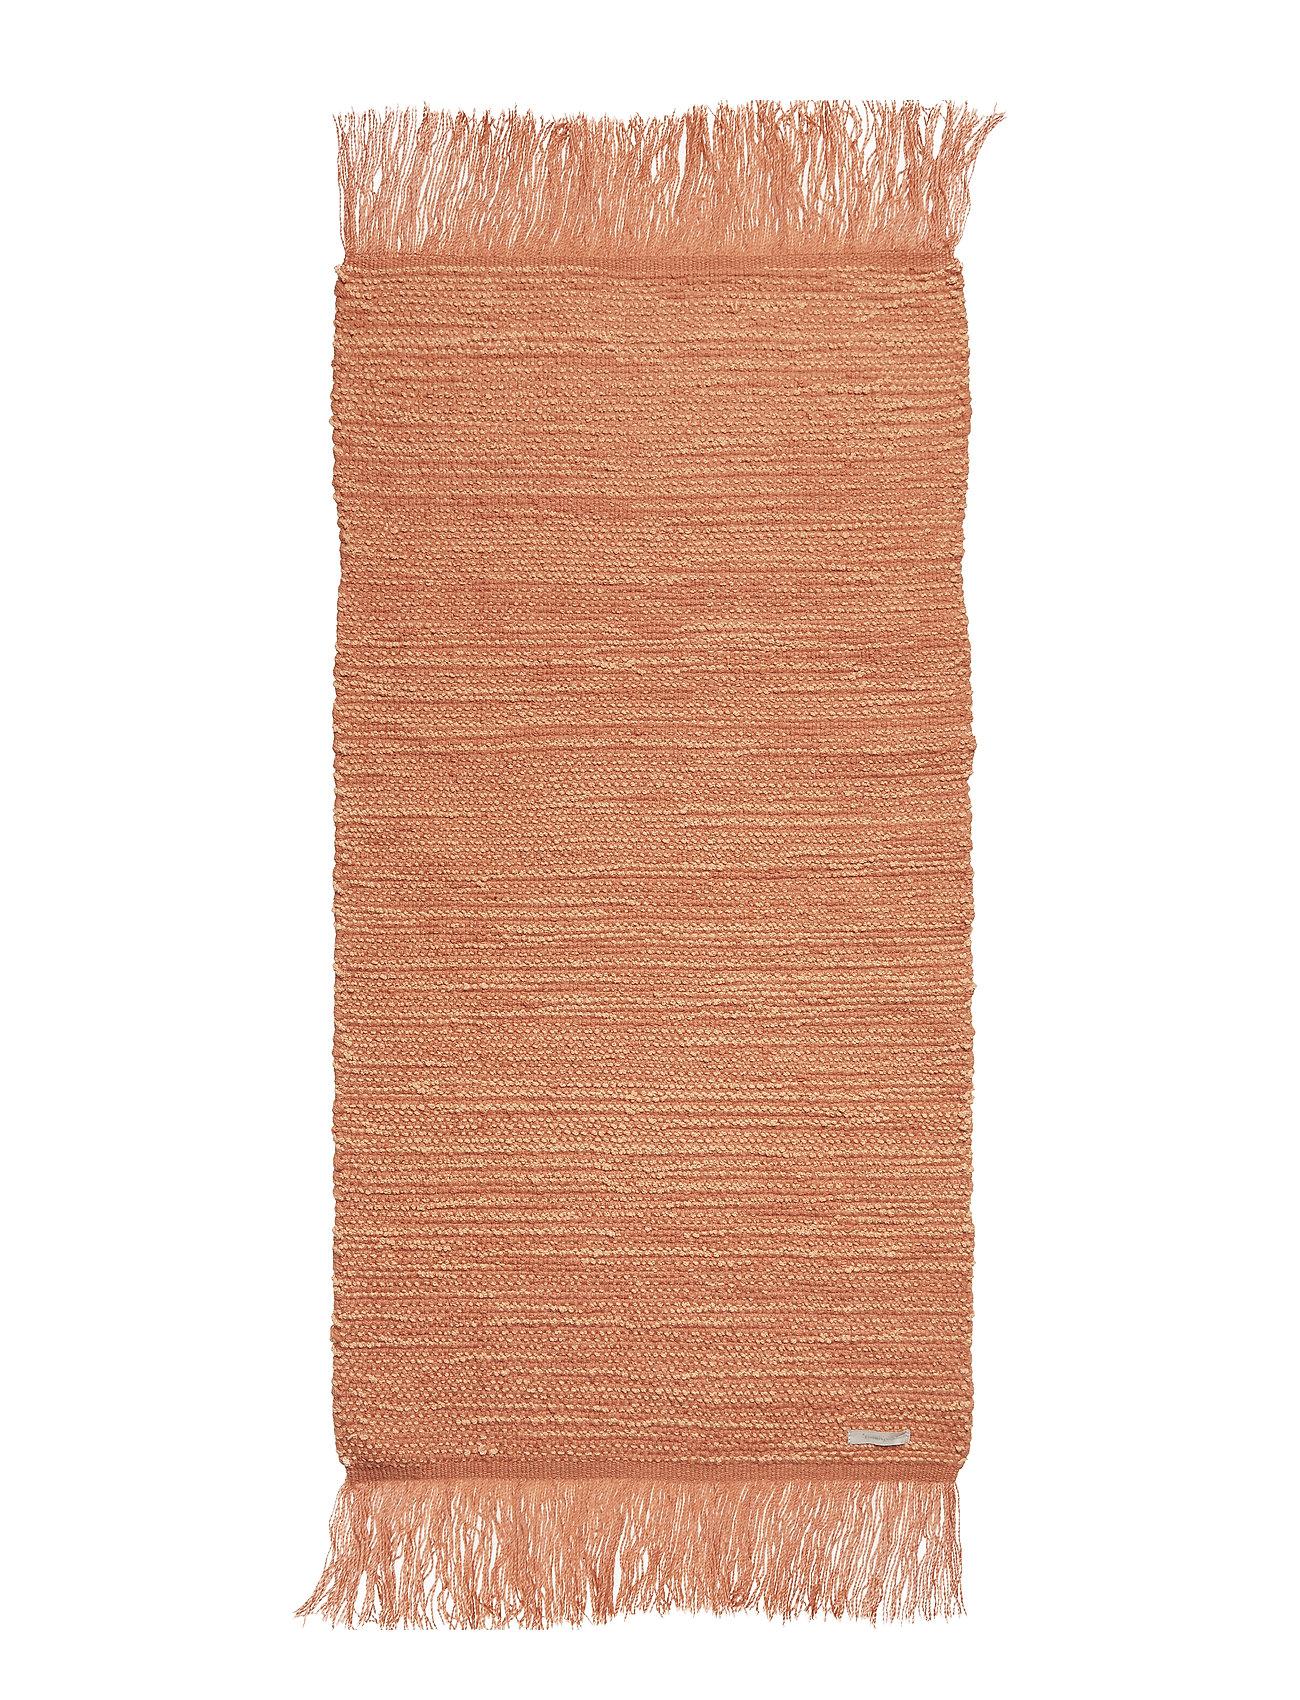 Bloomingville Rug, Orange, Wool - ORANGE